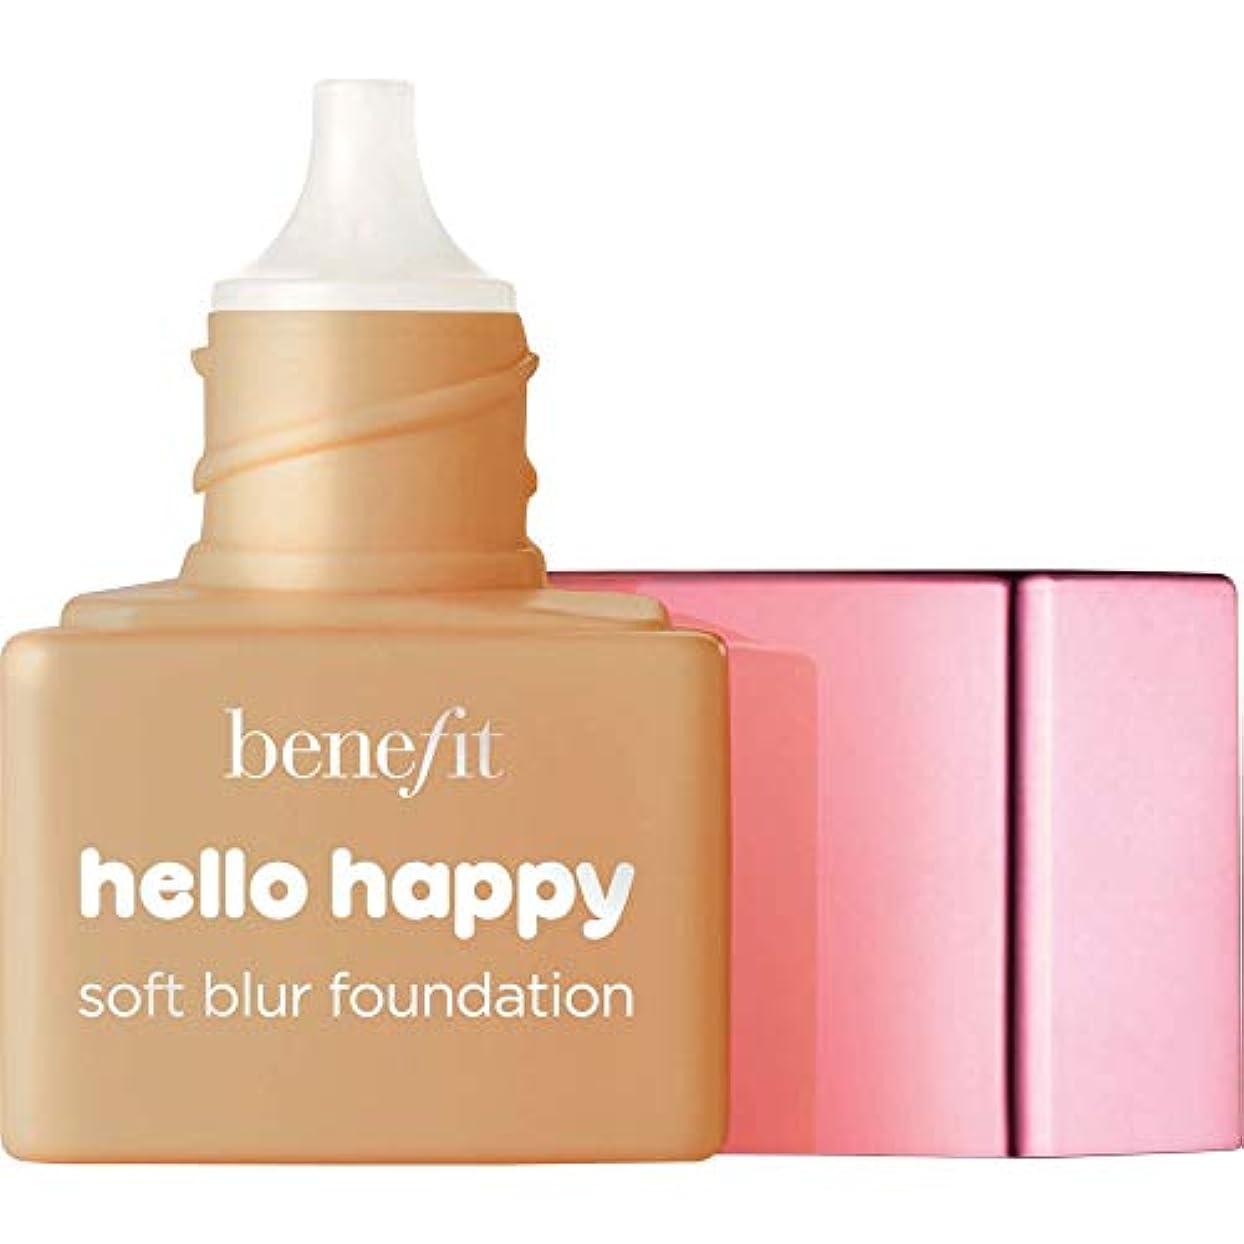 突き出すやさしく騒[Benefit] ミニ6 - - こんにちは幸せソフトブラー基礎Spf15の6ミリリットルの利益温培地 - Benefit Hello Happy Soft Blur Foundation SPF15 6ml - Mini 6 - Medium Warm [並行輸入品]